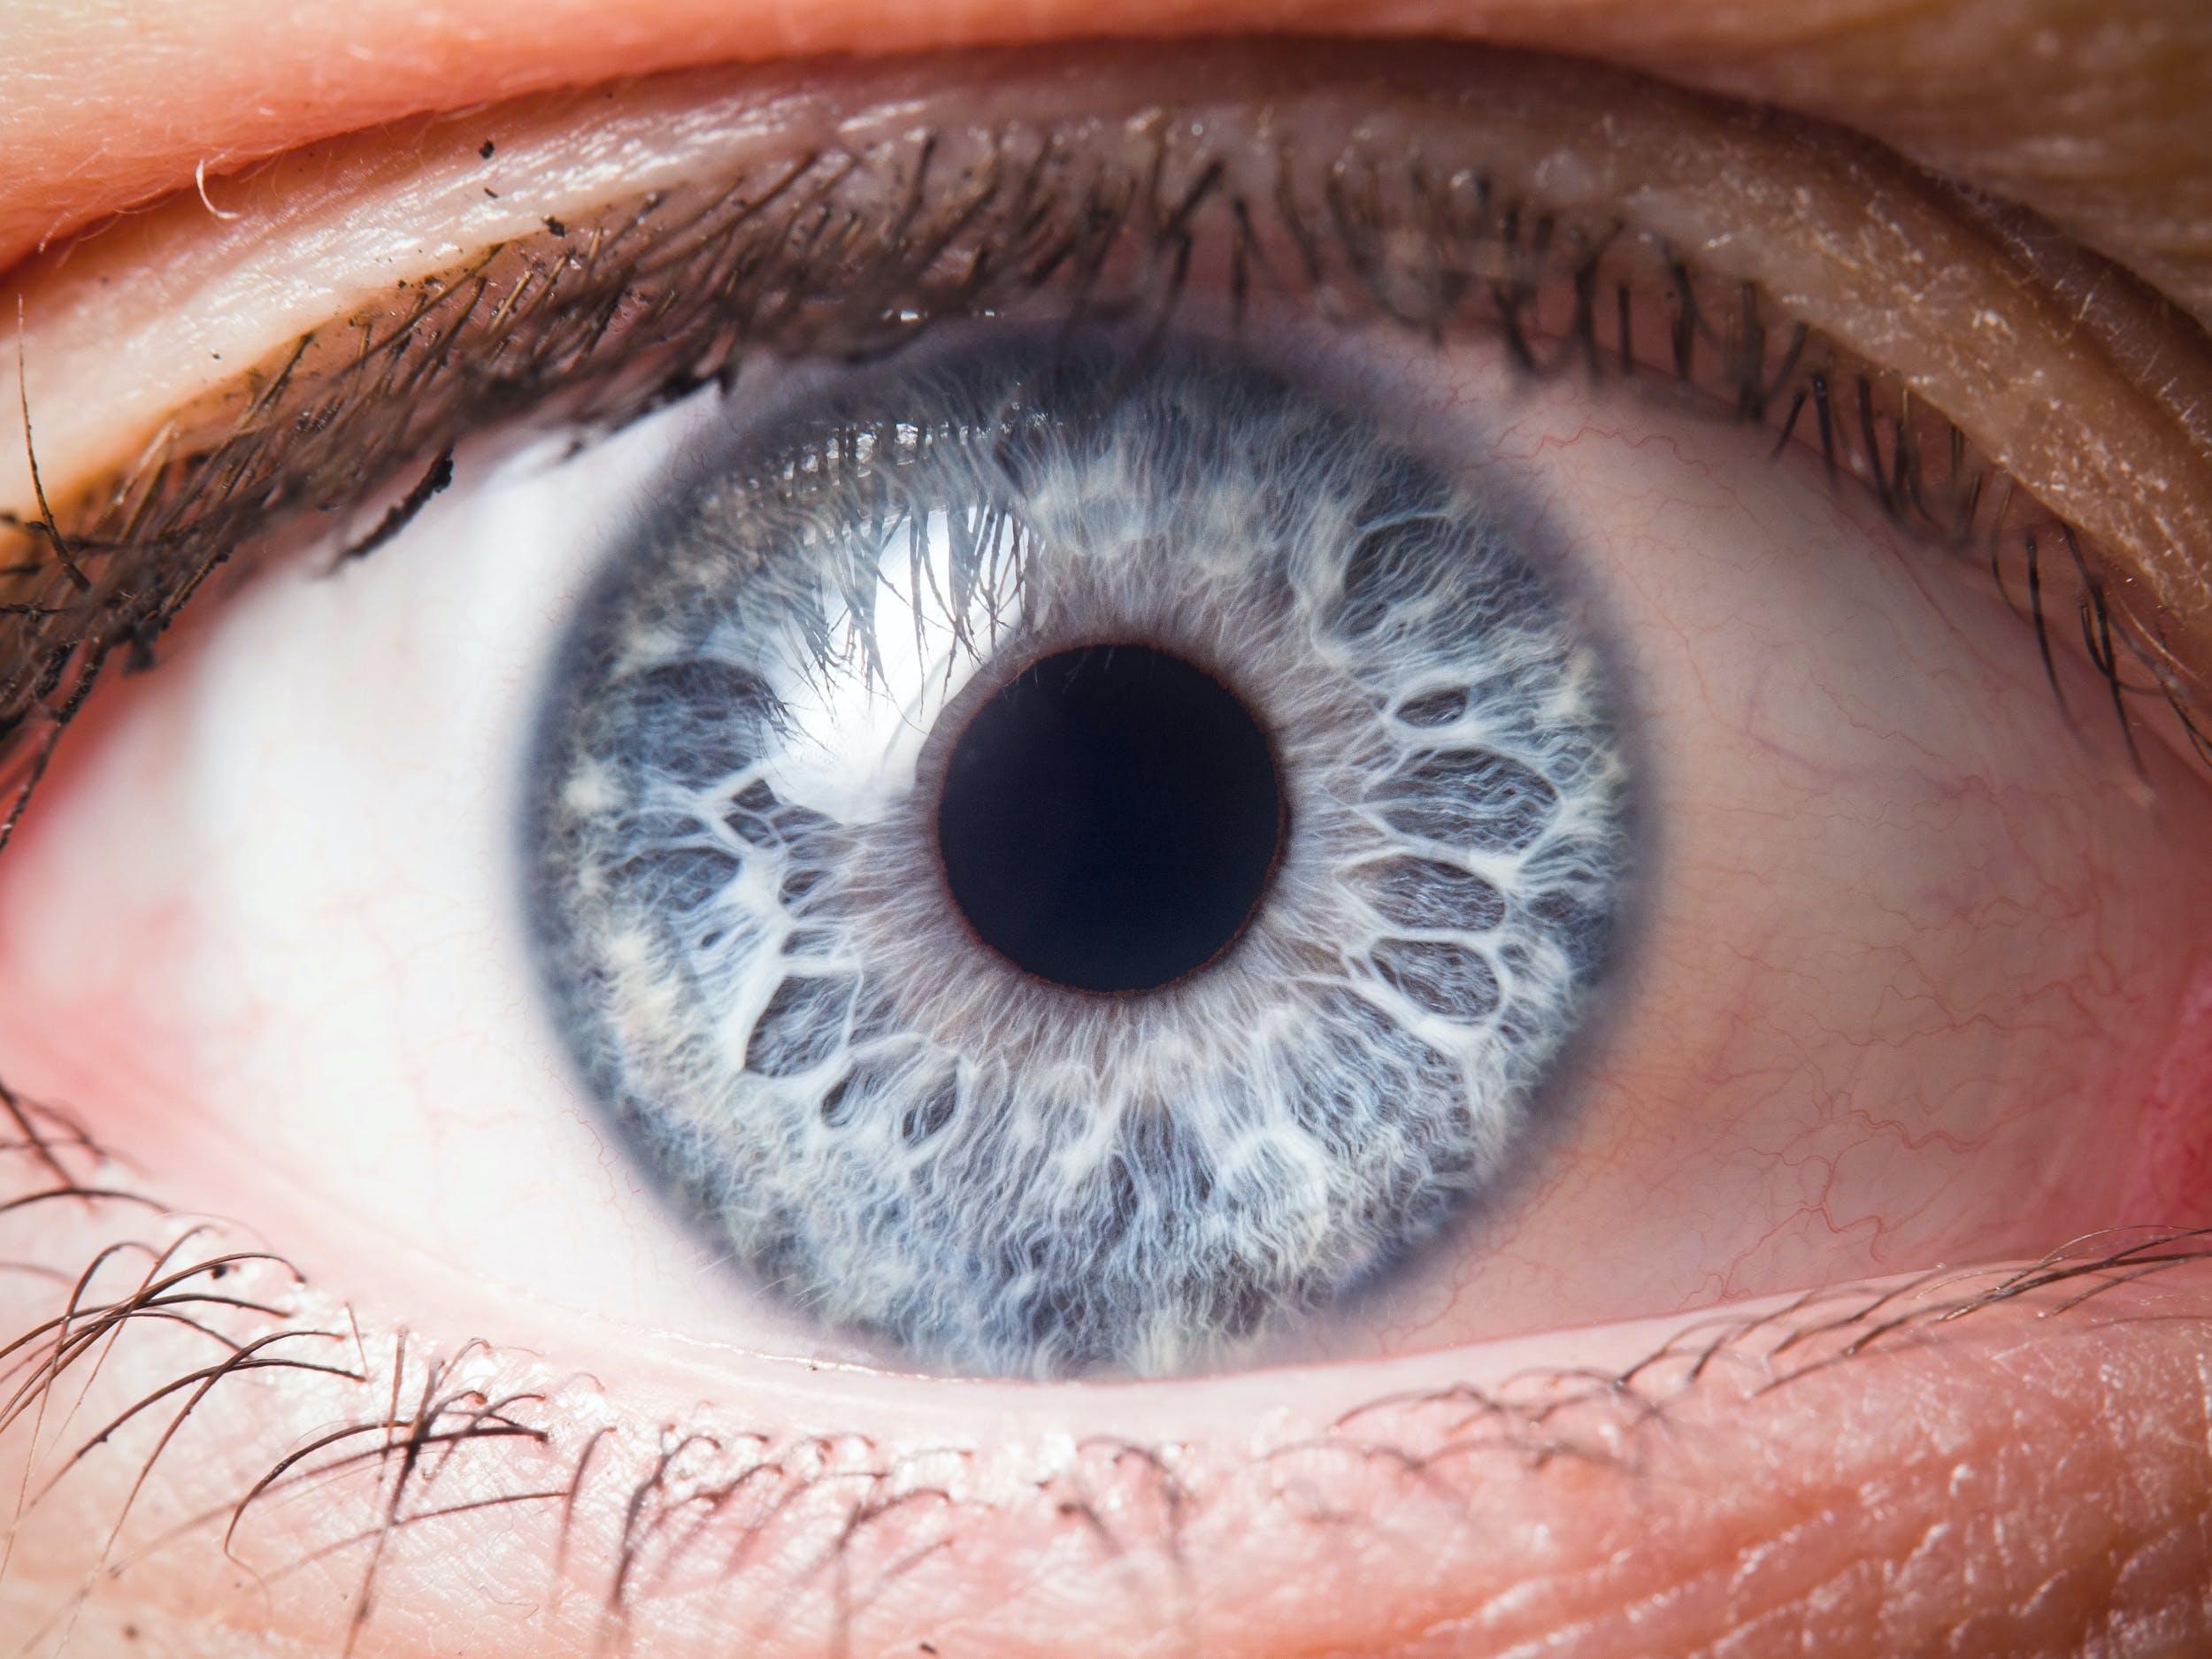 hur många har gröna ögon i världen